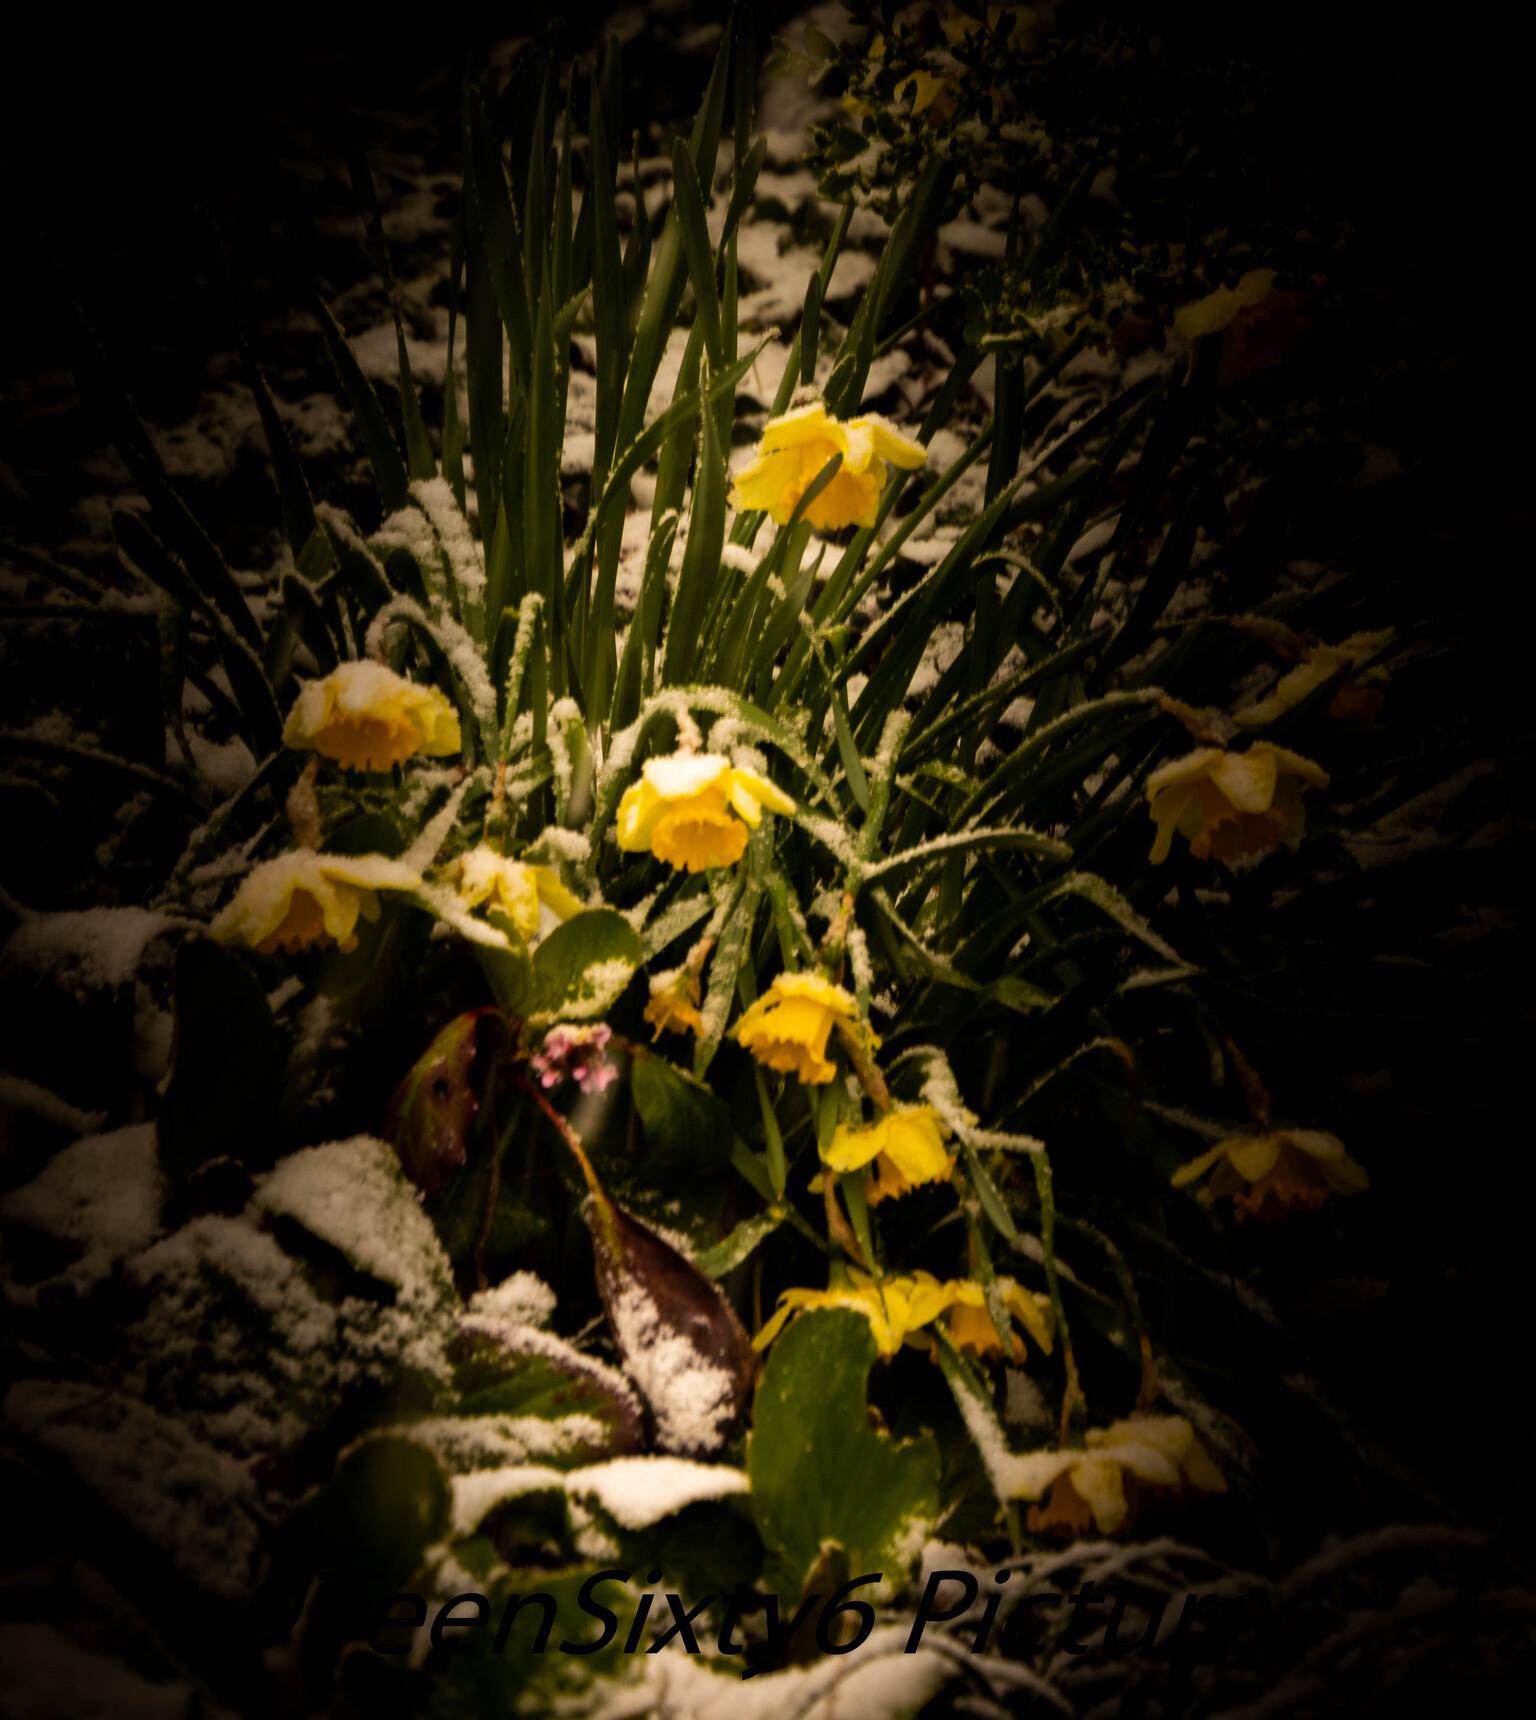 Winter in de Lente - April, na een paar zonnige dagen met temperaturen tot wel 25 graden werden we verrast met een  heuse winterse sneeuwbui wat al snel mooie plaatjes op - foto door 9TeenSixty6 op 12-04-2021 - locatie: Maastricht, Nederland - deze foto bevat: lente, winter, voorjaar, sneeuw, bloem, fabriek, water, bloemblaadje, terrestrische plant, vegetatie, gras, tinten en schakeringen, landschap, kruidachtige plant